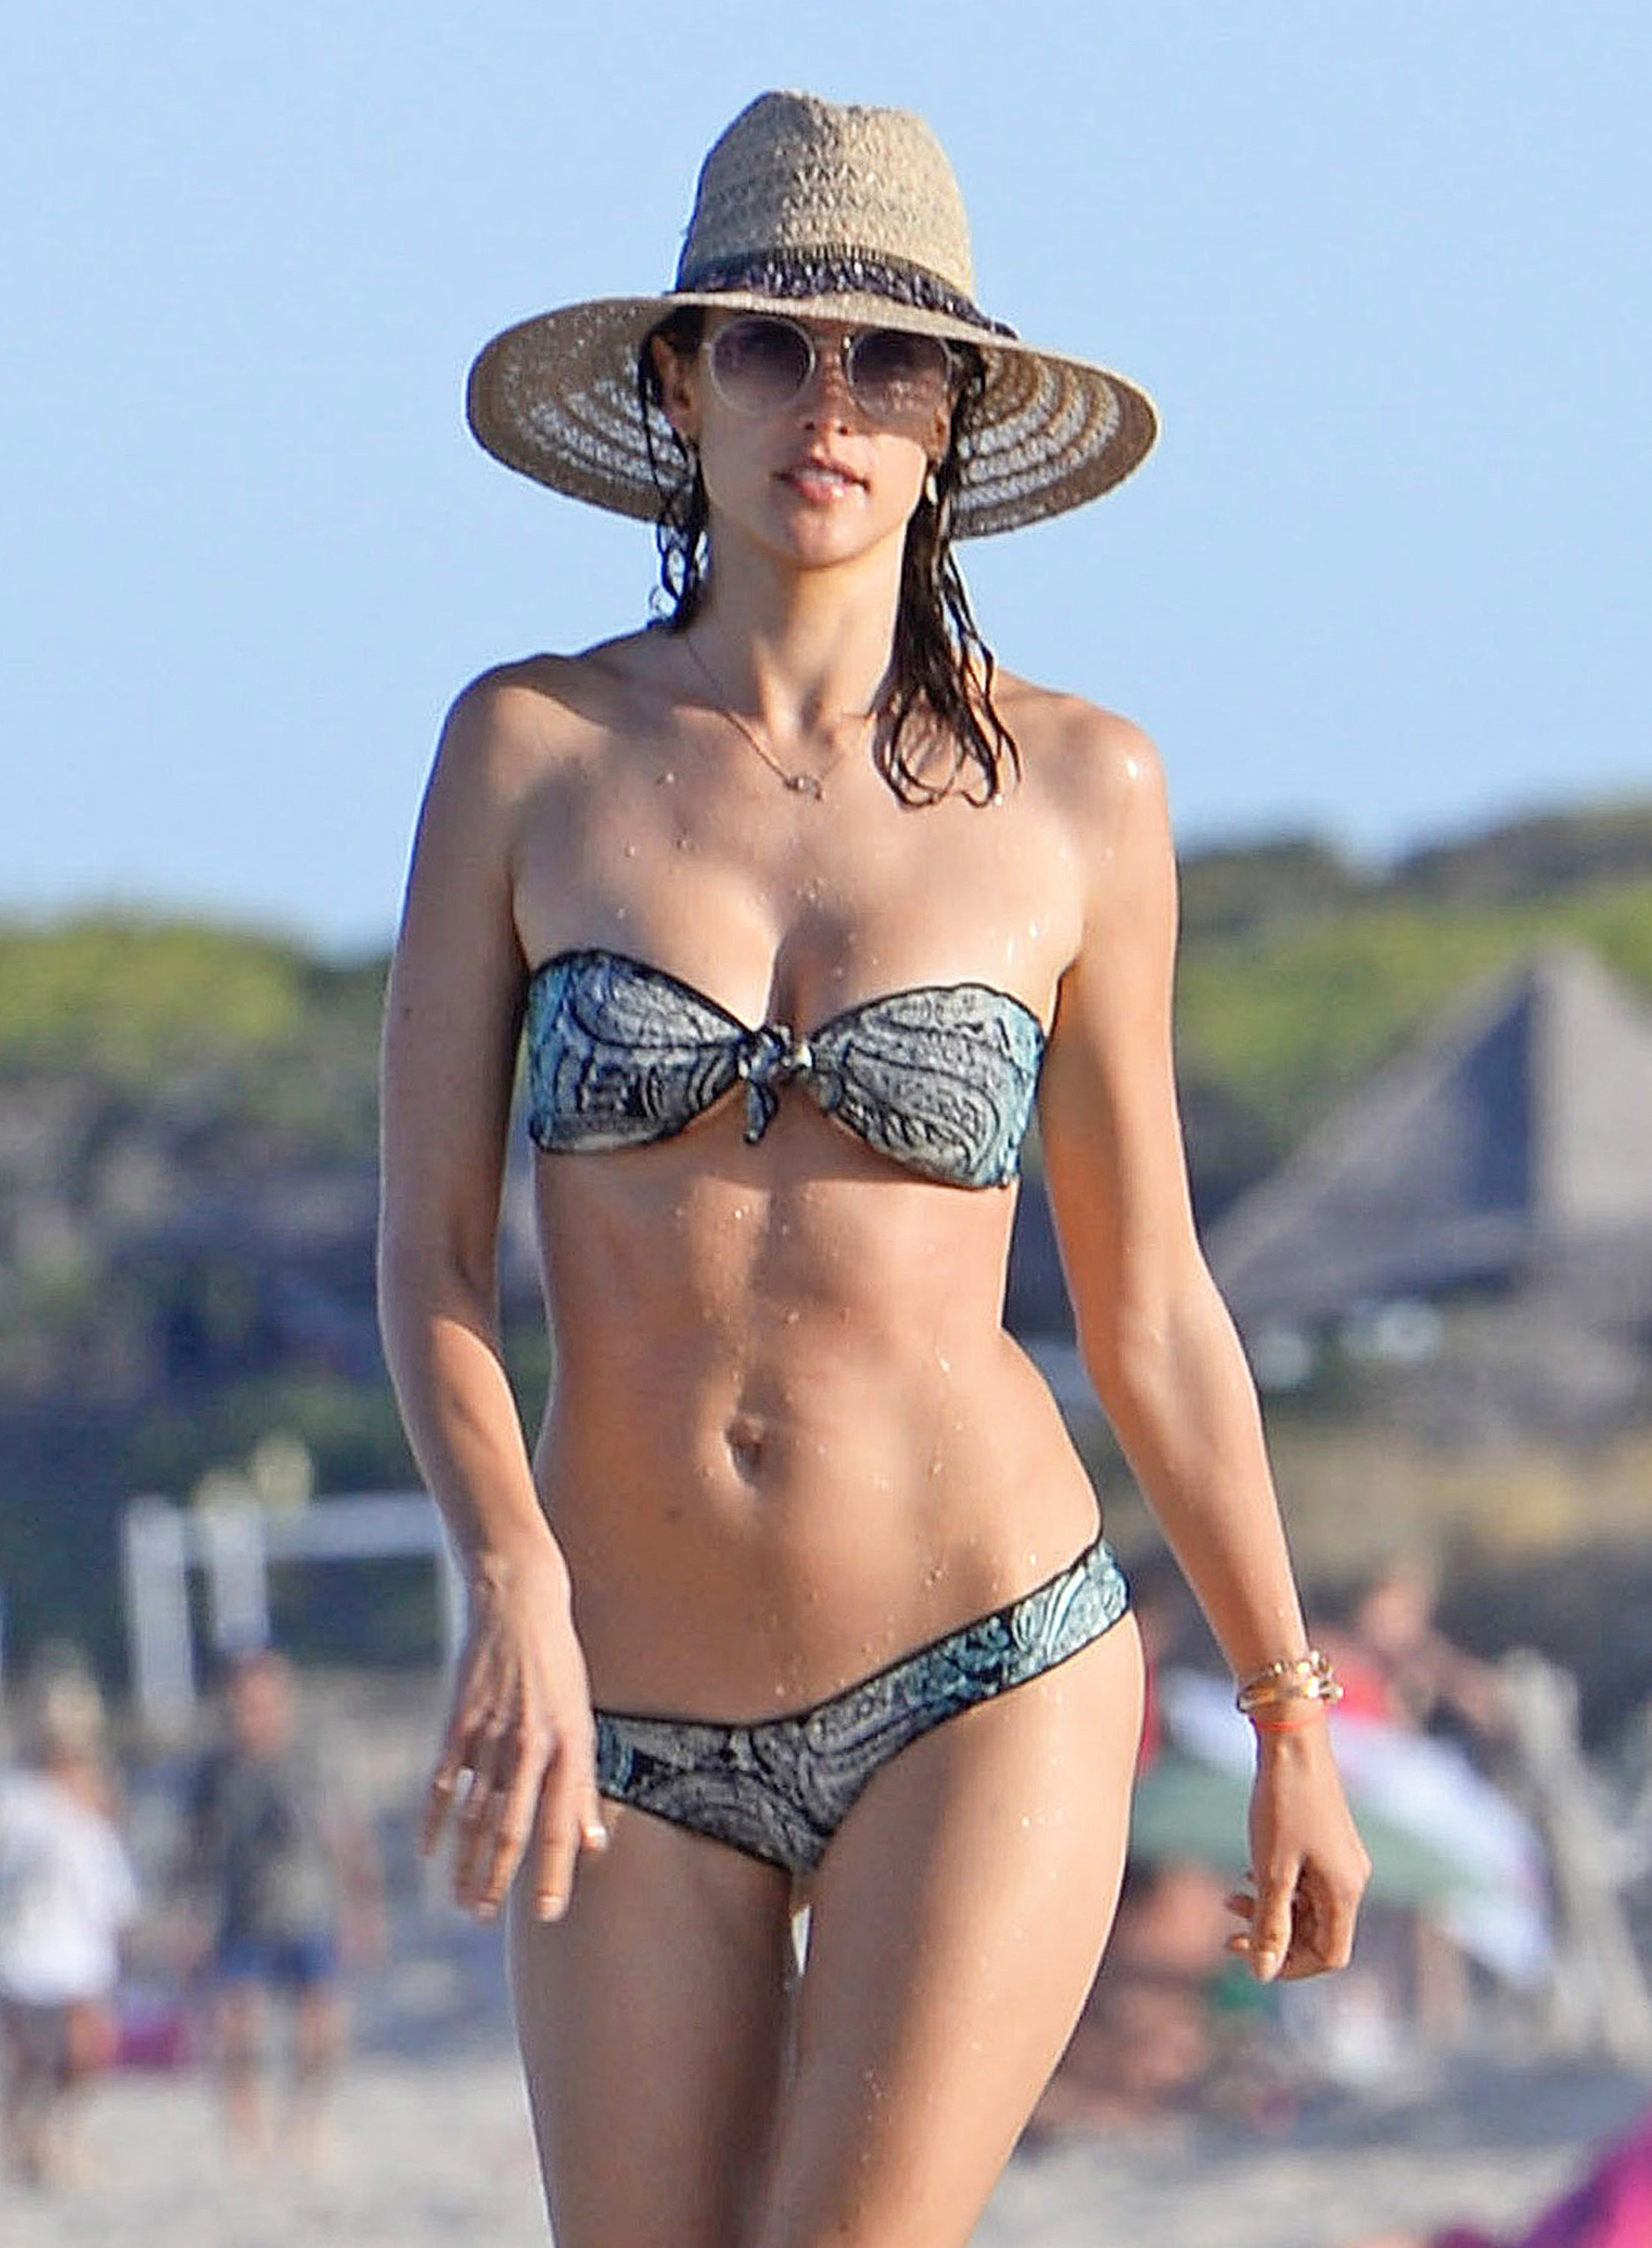 Bikini Leila Spilman nude (21 foto and video), Topless, Bikini, Feet, cameltoe 2019